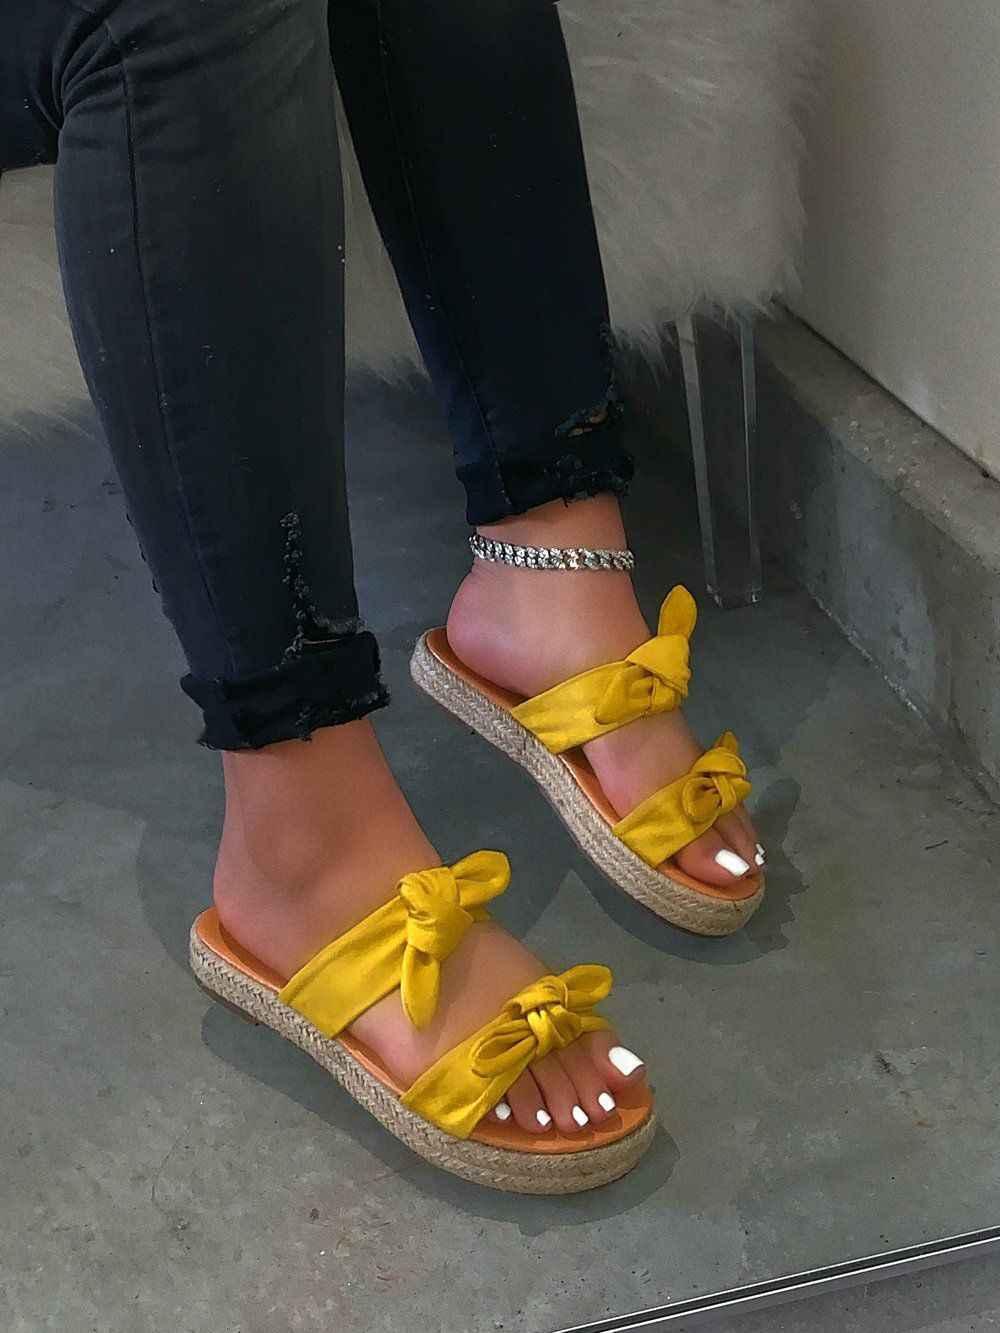 2020 ระเบิดรุ่น Candy สีสุภาพสตรีคู่ลื่น Non-SLIP flip flops กลางแจ้งหญิงรองเท้าแตะรองเท้าแตะชายหาด casual Sand